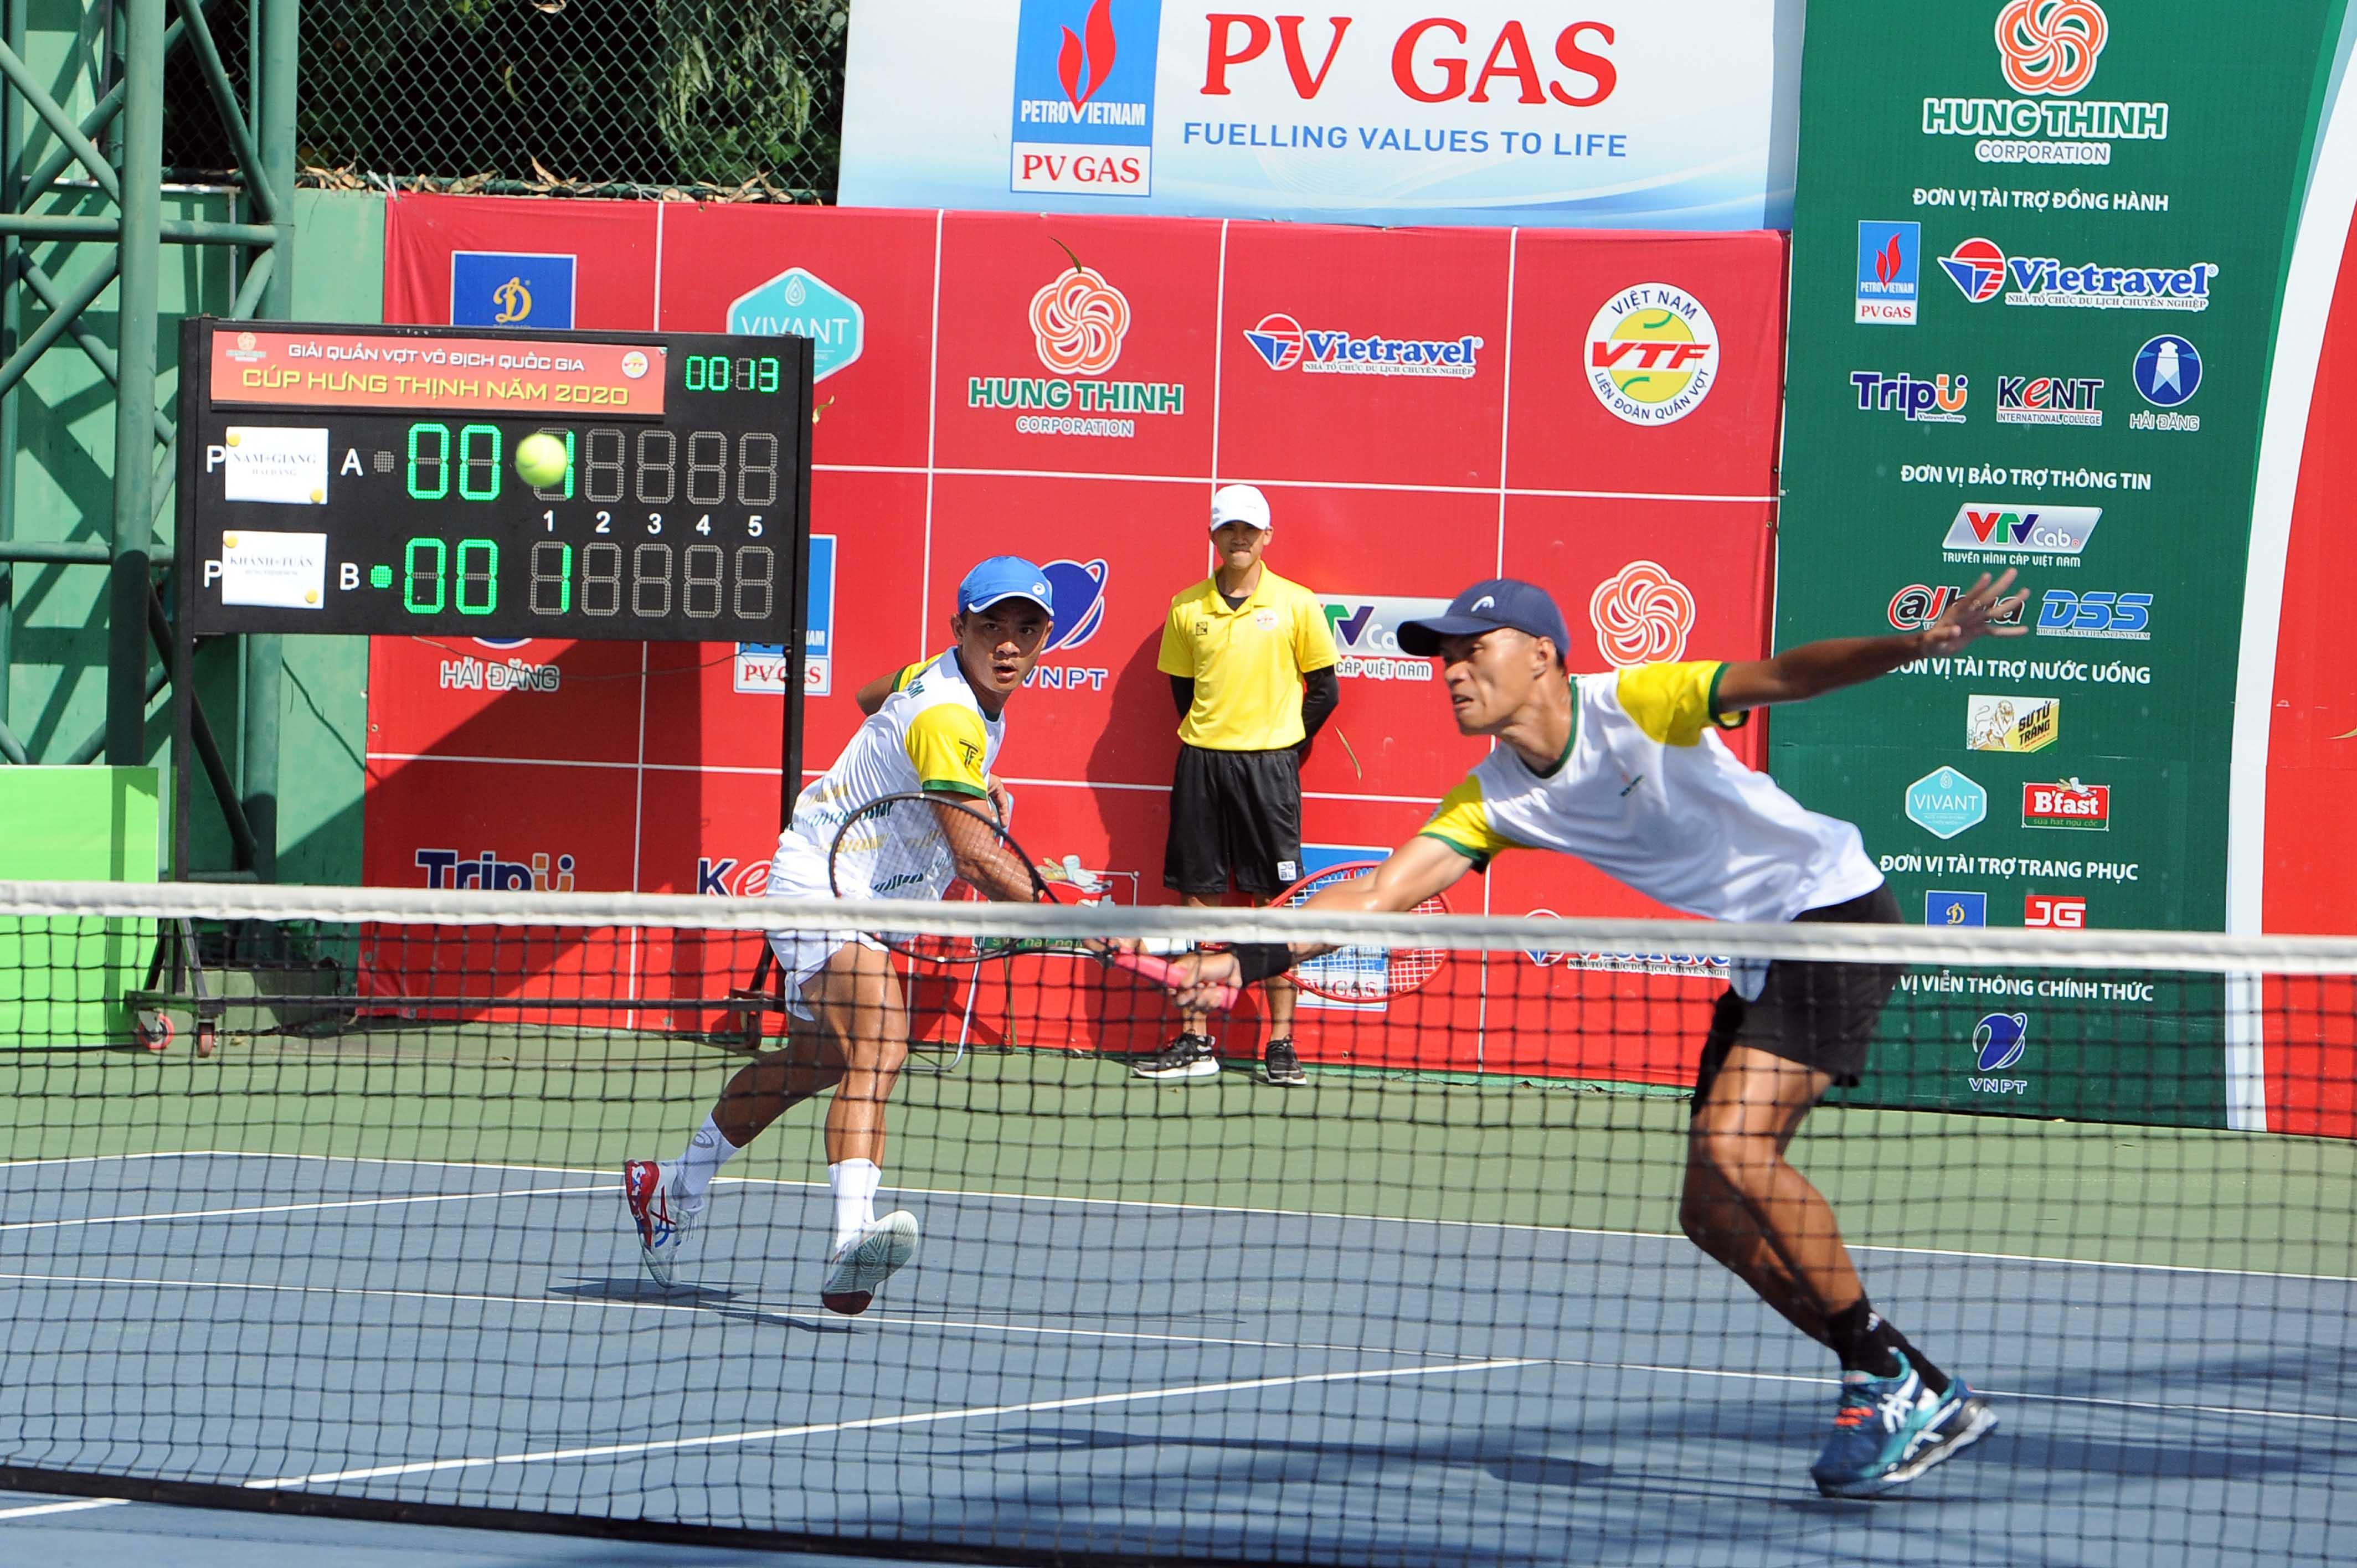 Hình ảnh: Giải quần vợt vô địch quốc gia 2020: Xác định các nhà vô địch nội dung đánh đôi số 1